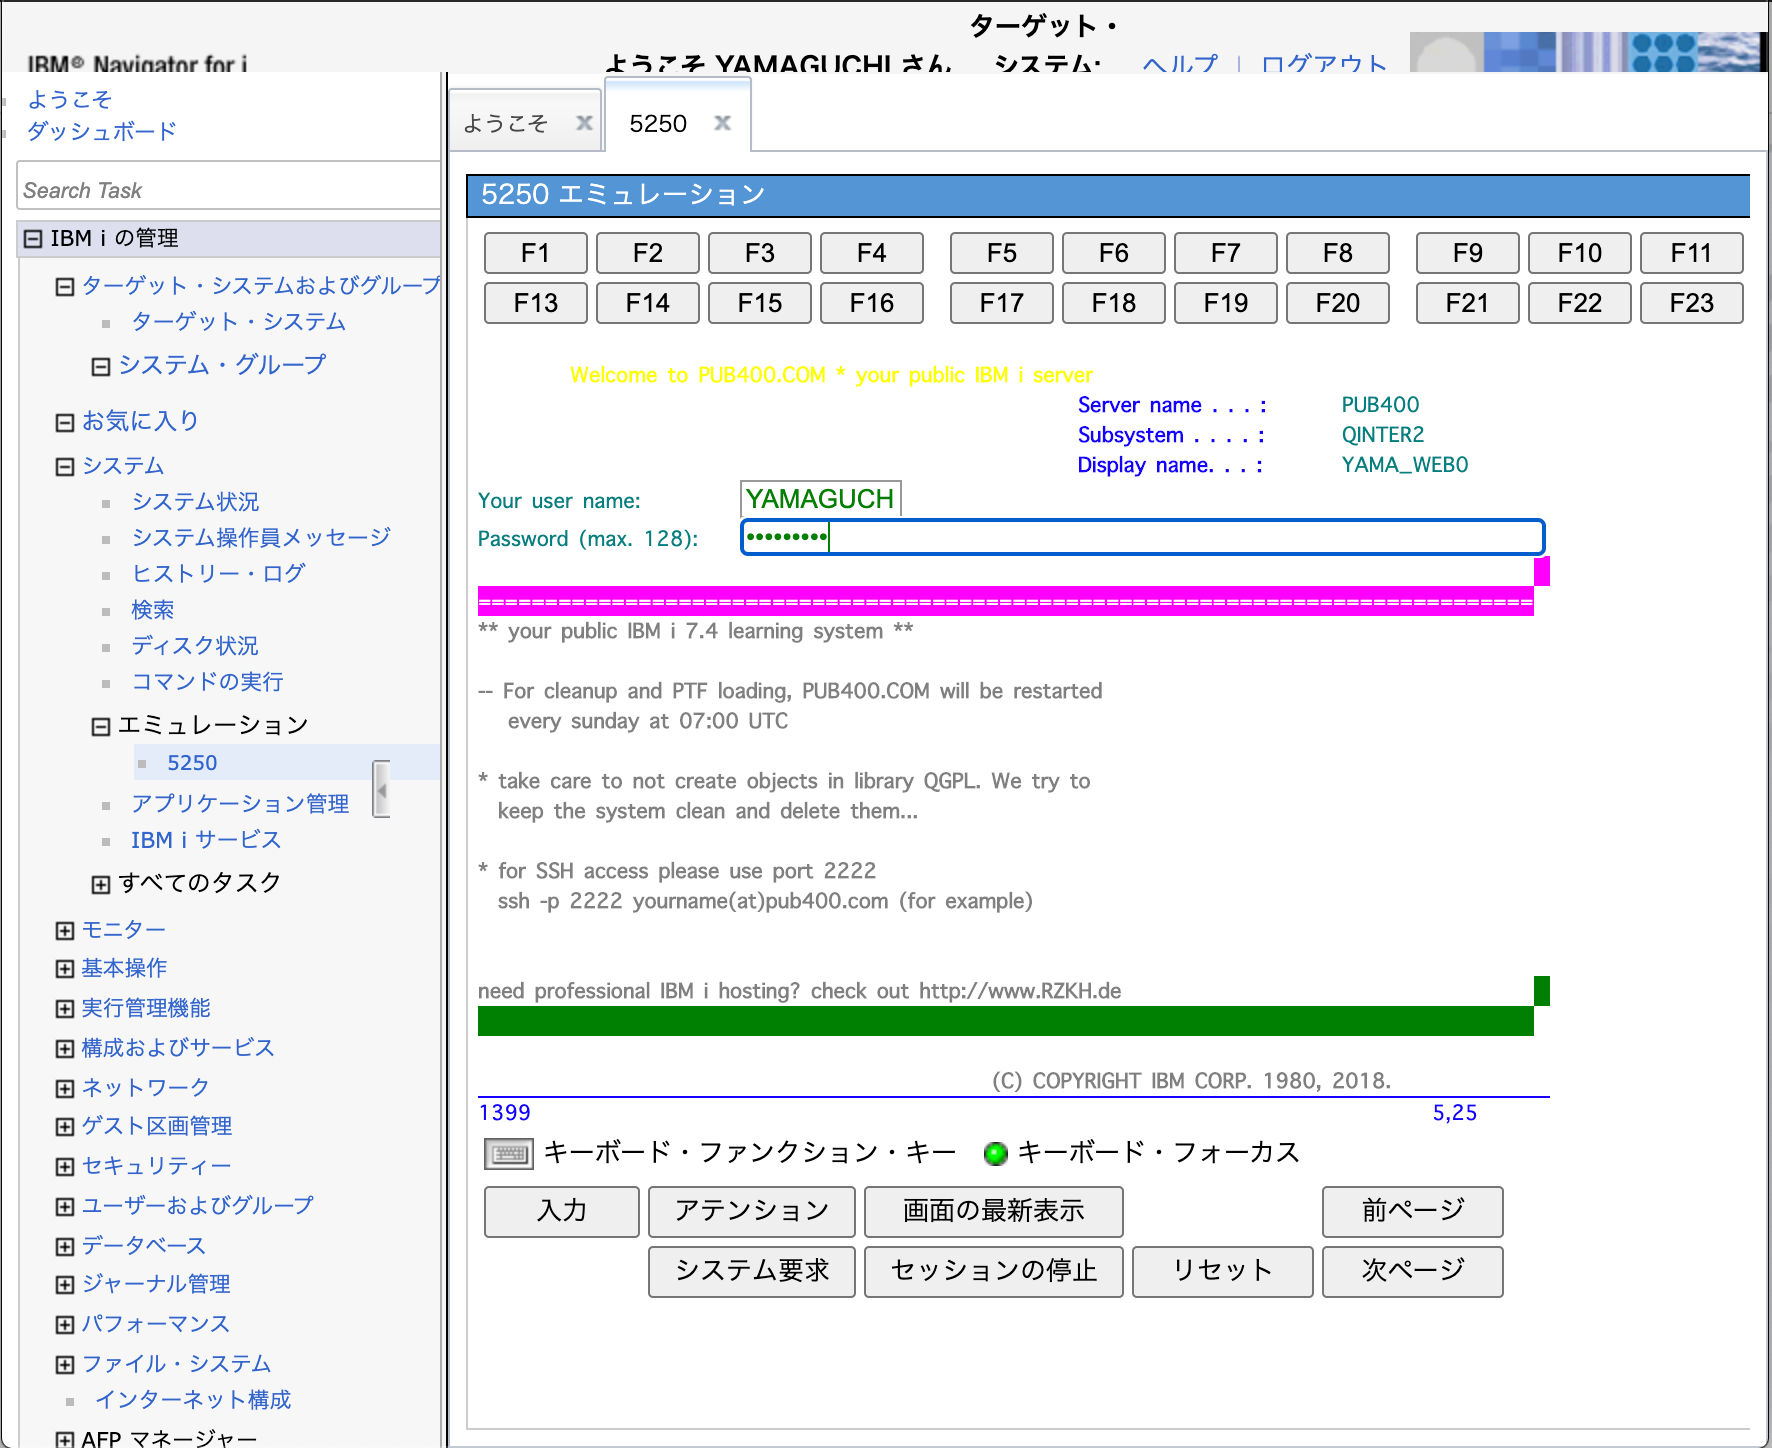 スクリーンショット 2020-07-09 7.54.53.png